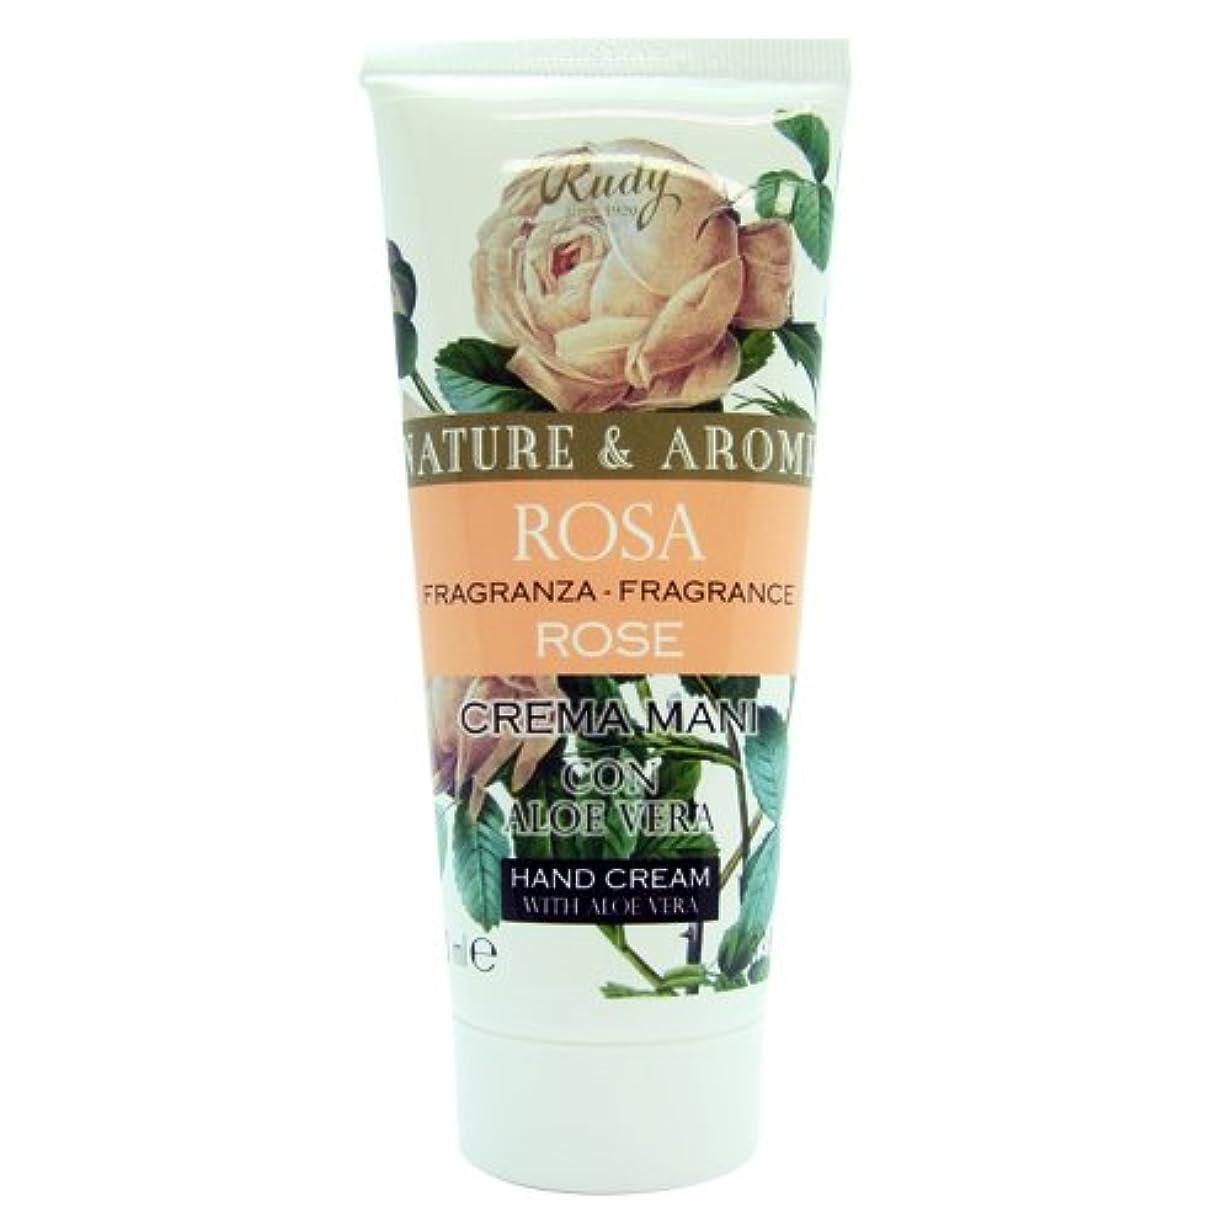 に慣れ呼吸生RUDY Nature&Arome SERIES ルディ ナチュール&アロマ Hand Cream ハンドクリーム Rose ローズ